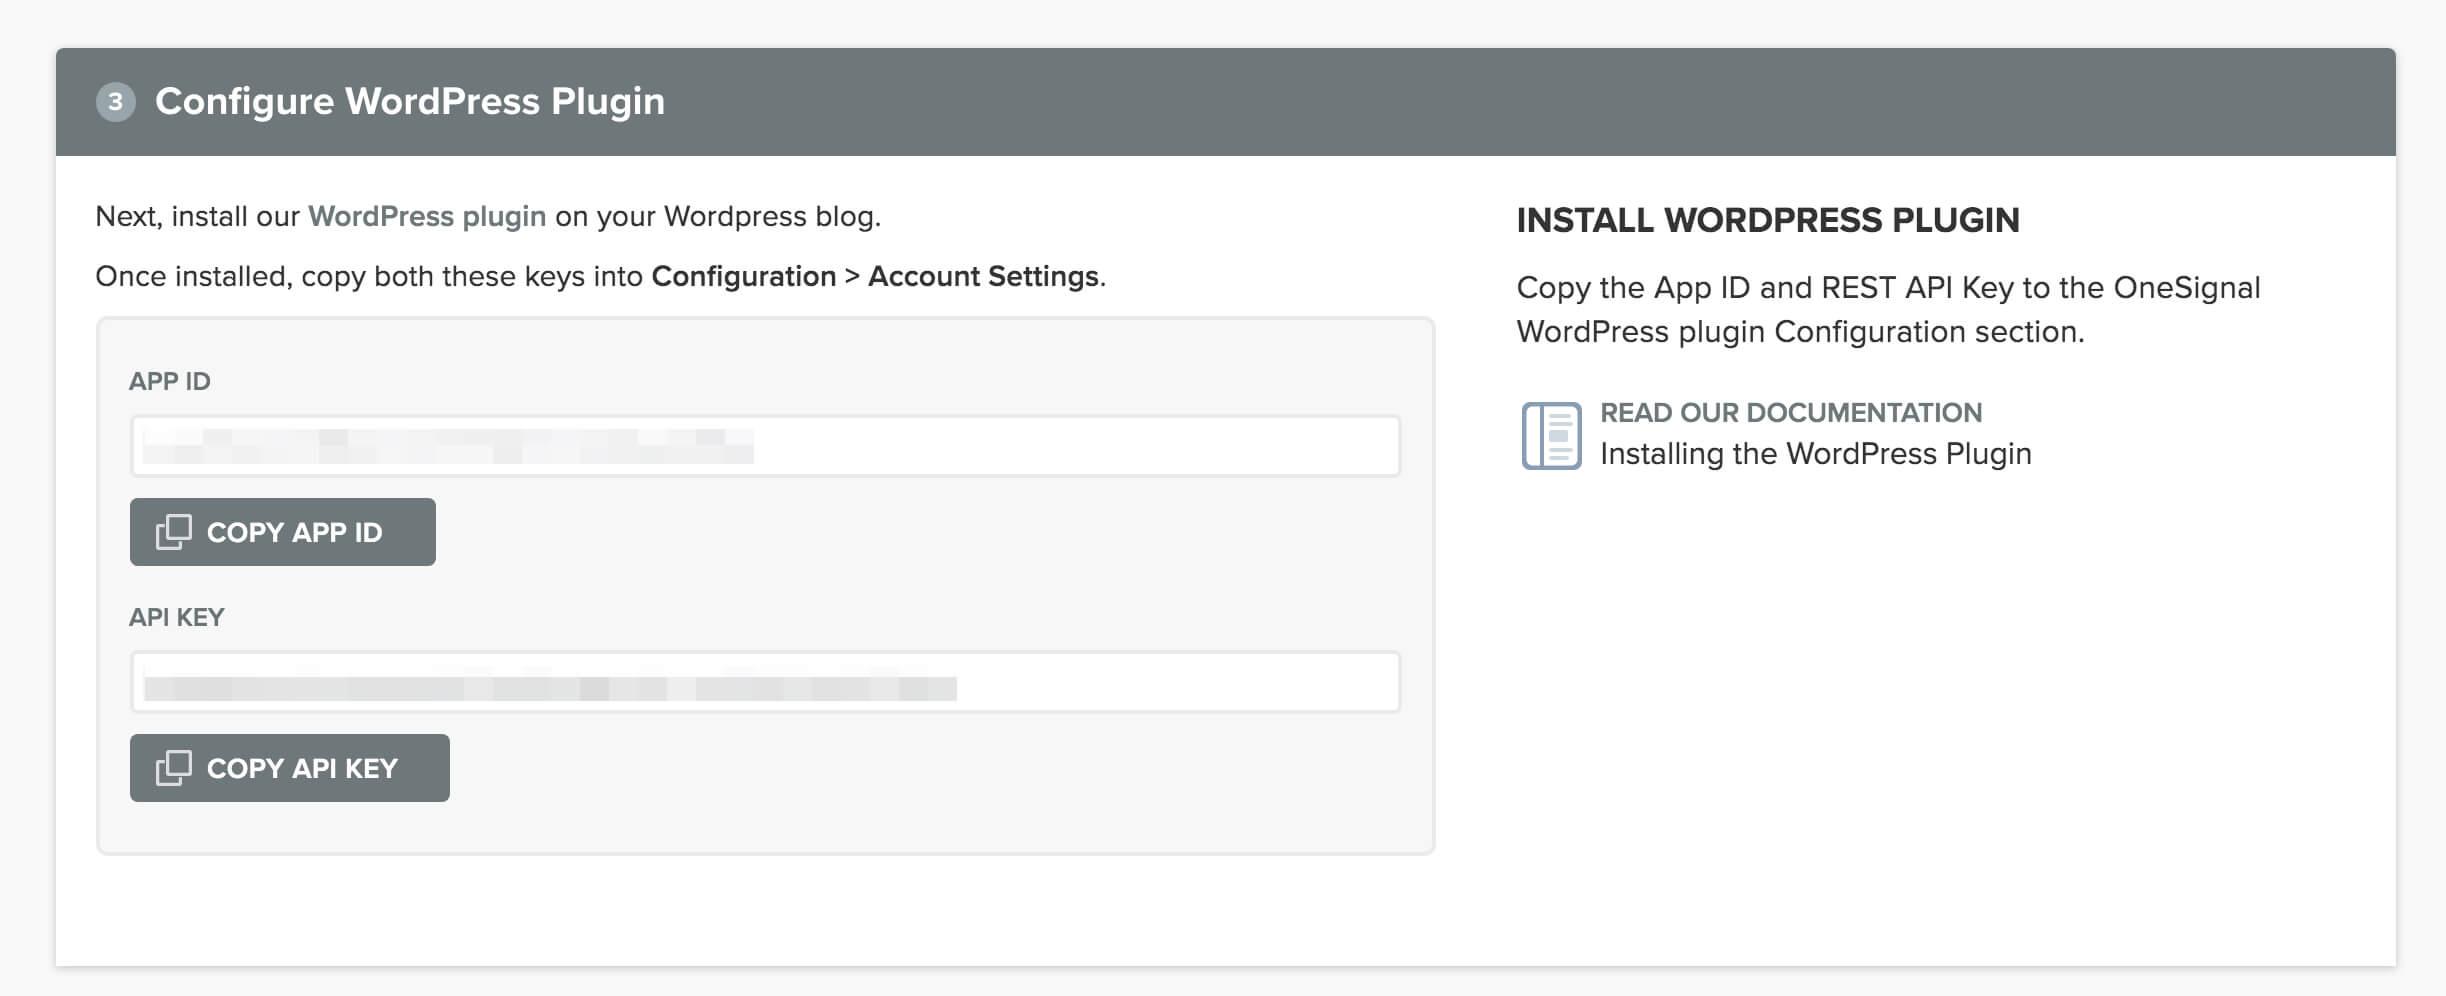 imagen de ventana con app id y api key para configurar las notificaciones push